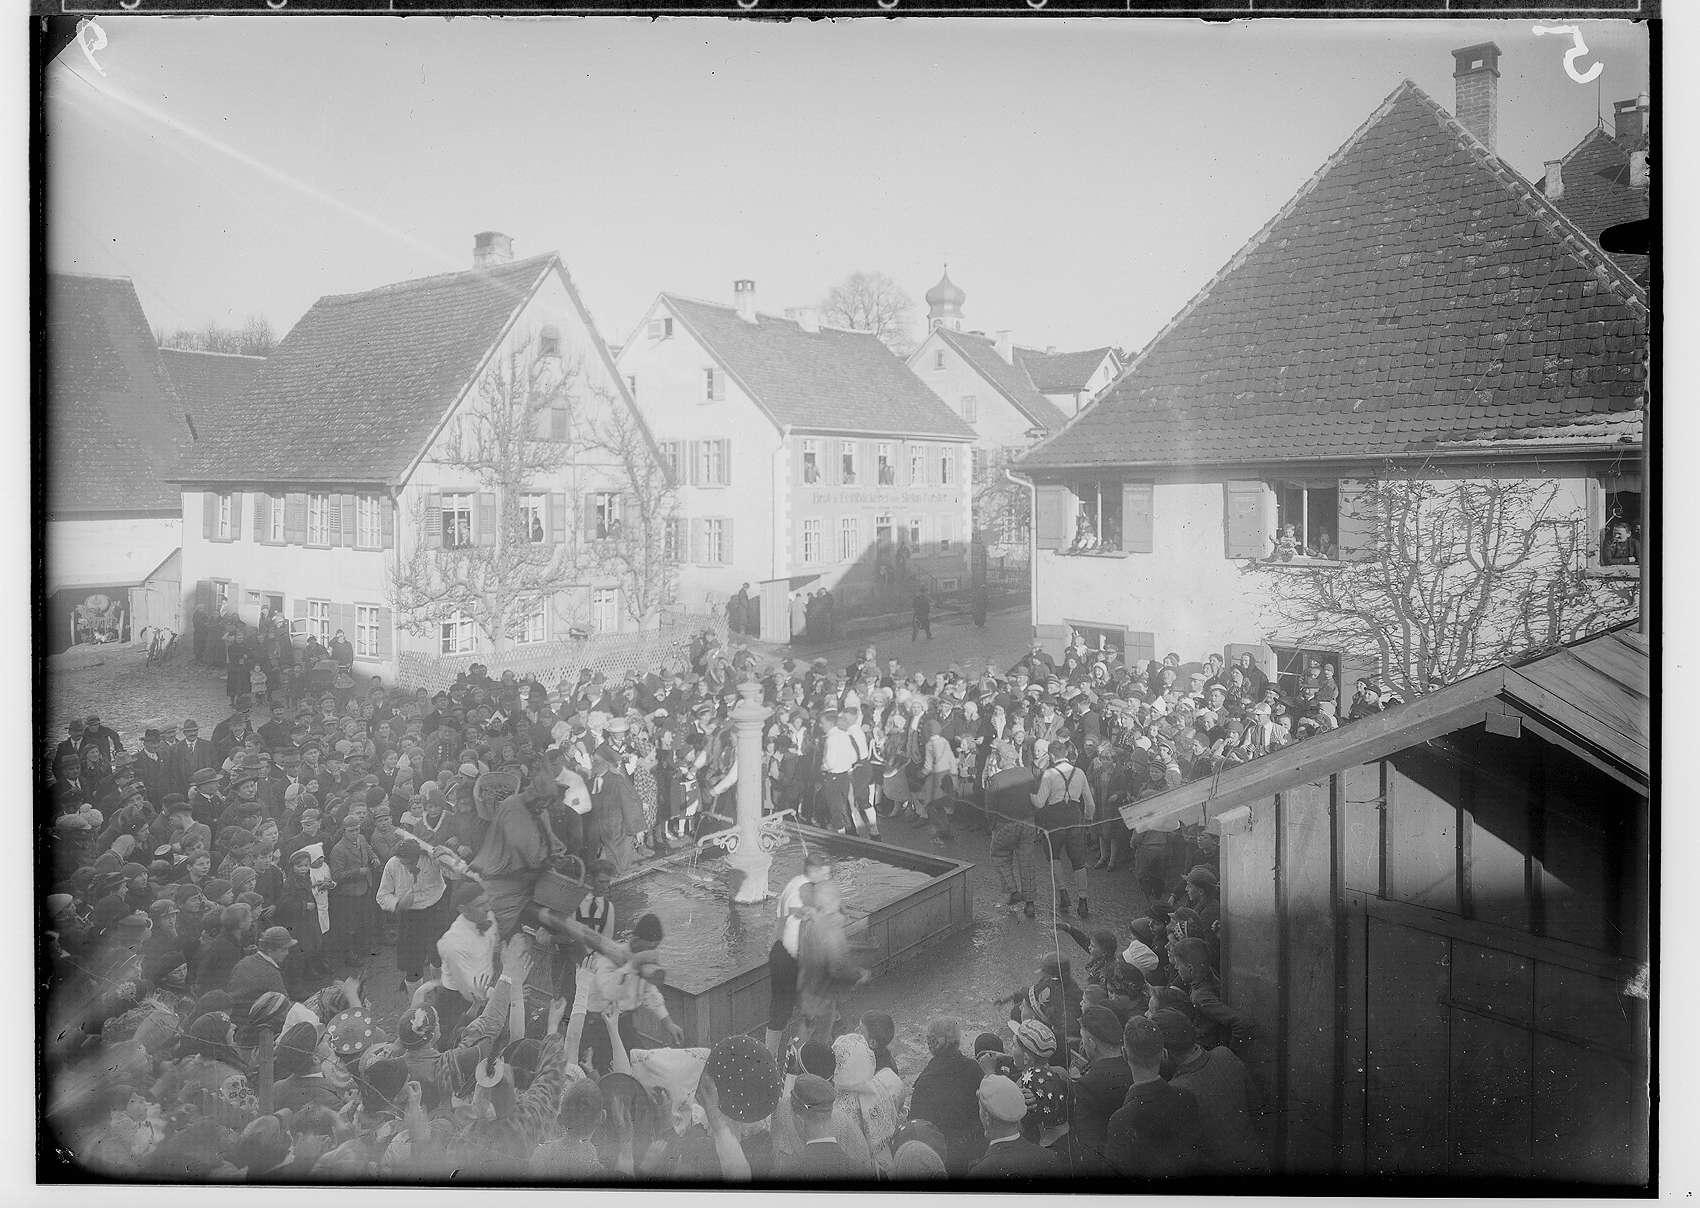 Fasnacht Krauchenwies 1934; Bräuteln, Bild 1